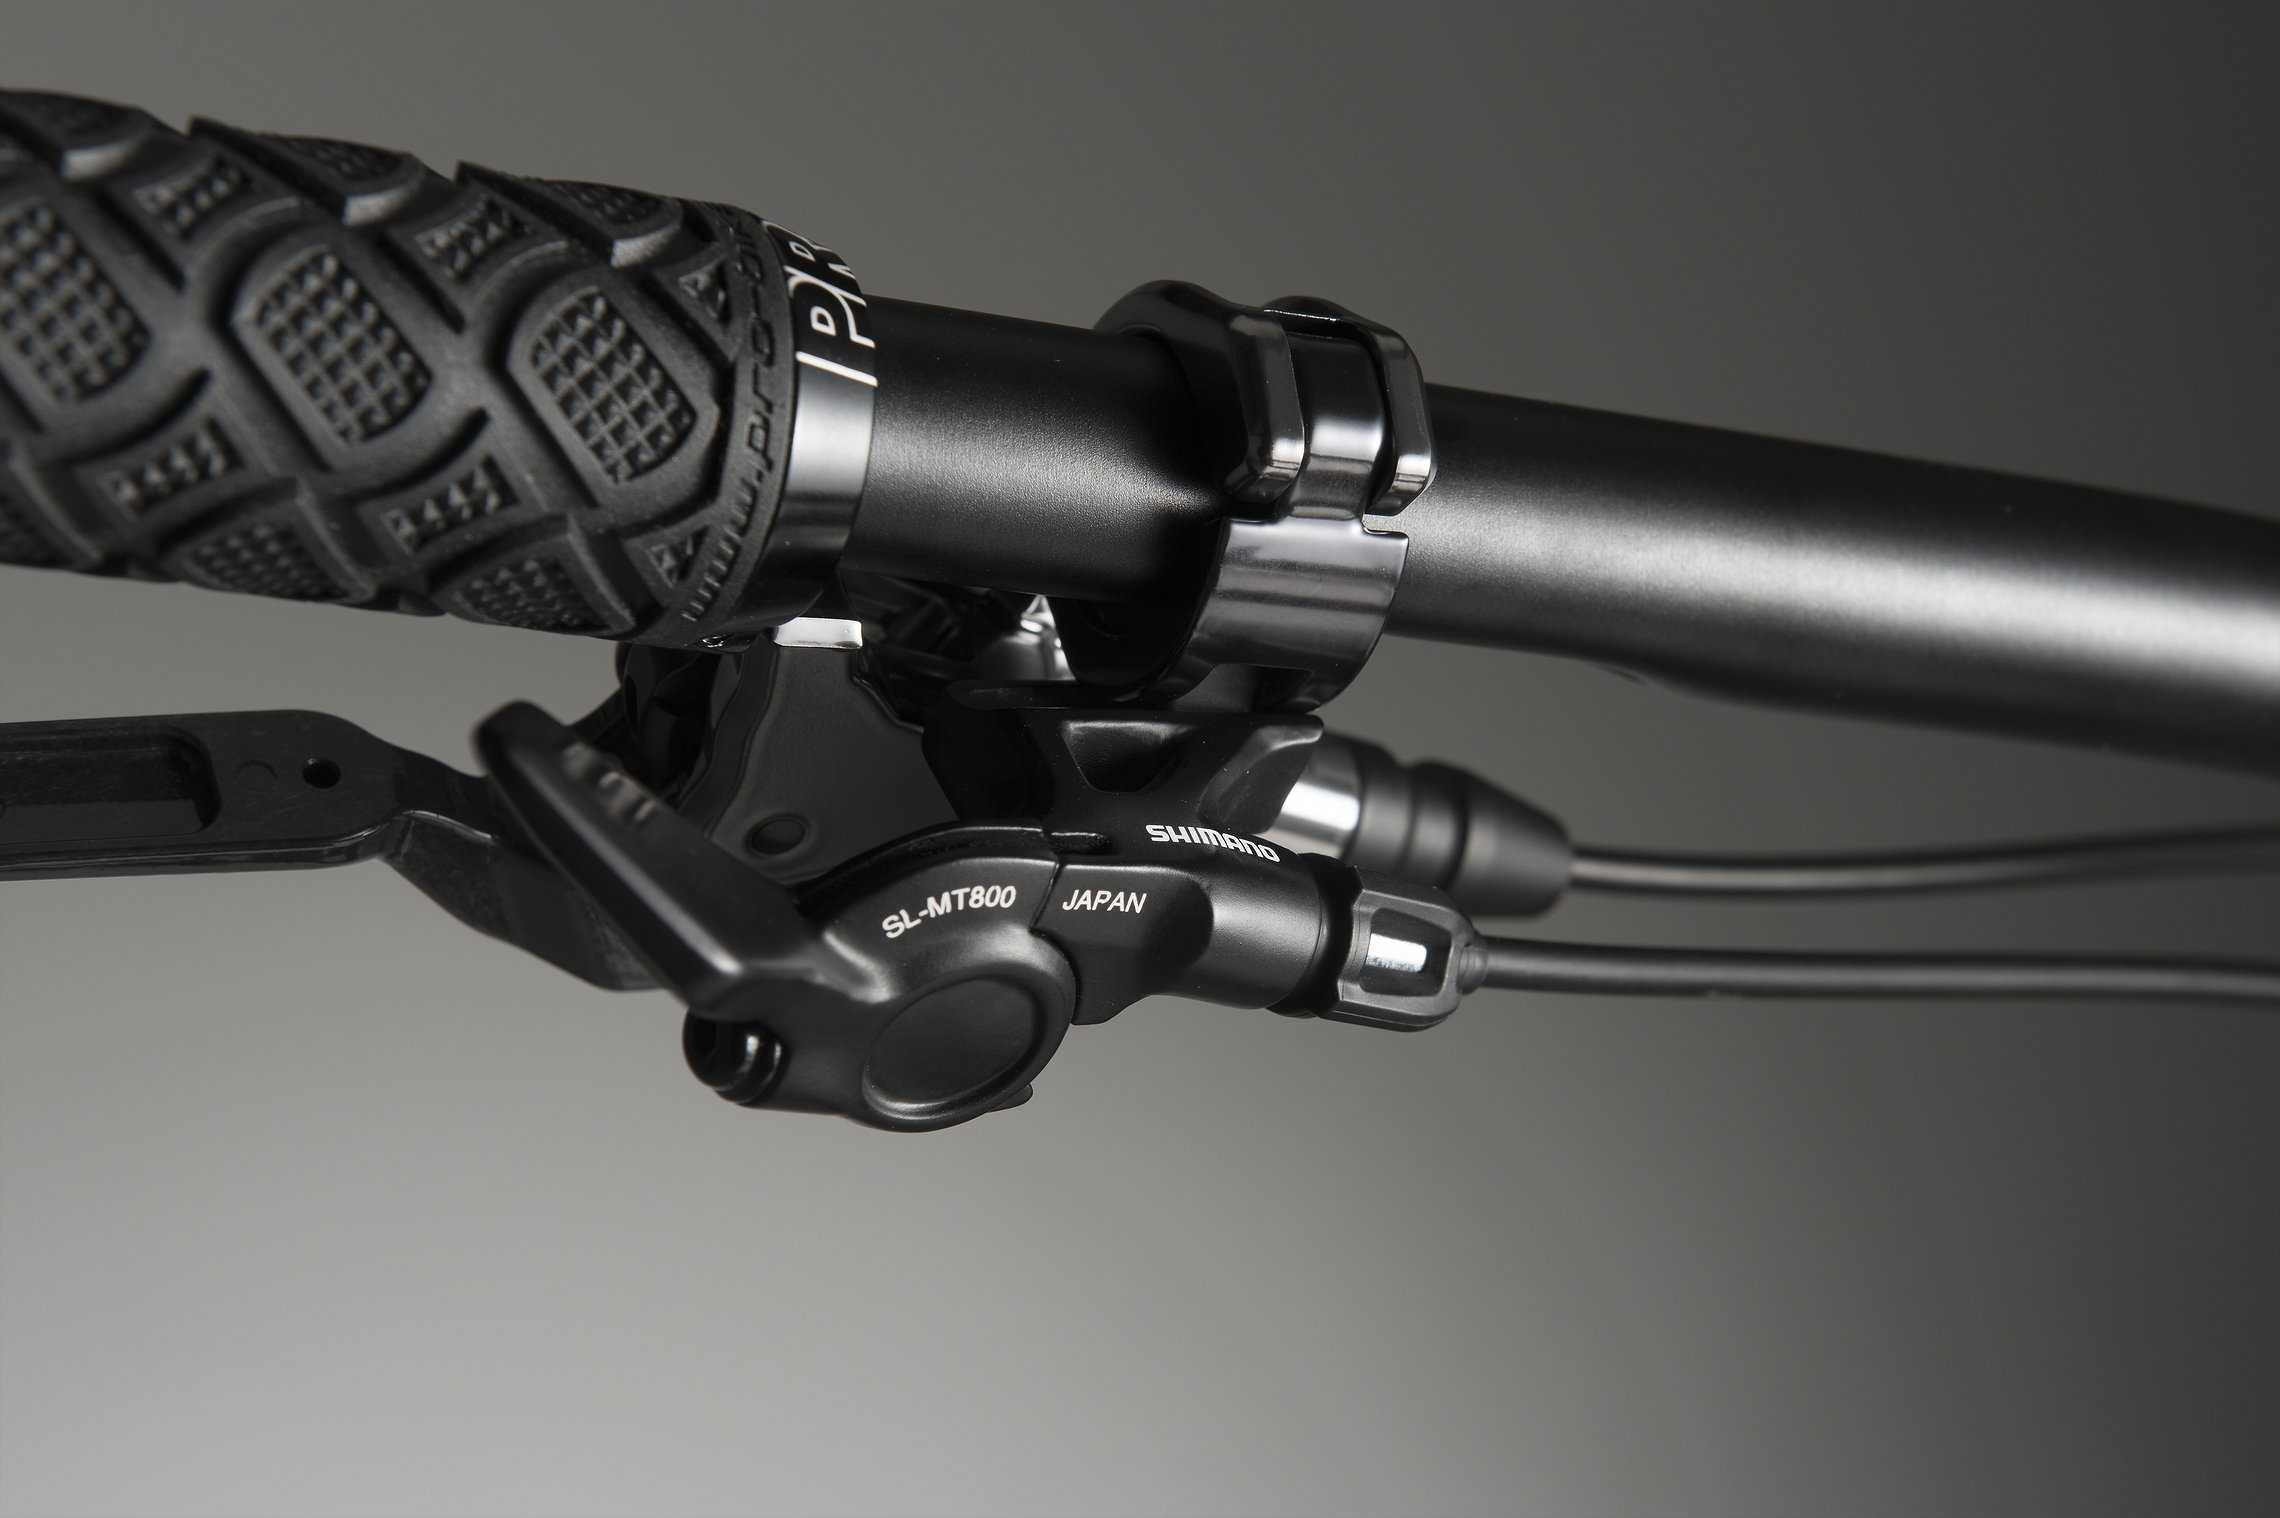 Shimano XTR Remote Hebel